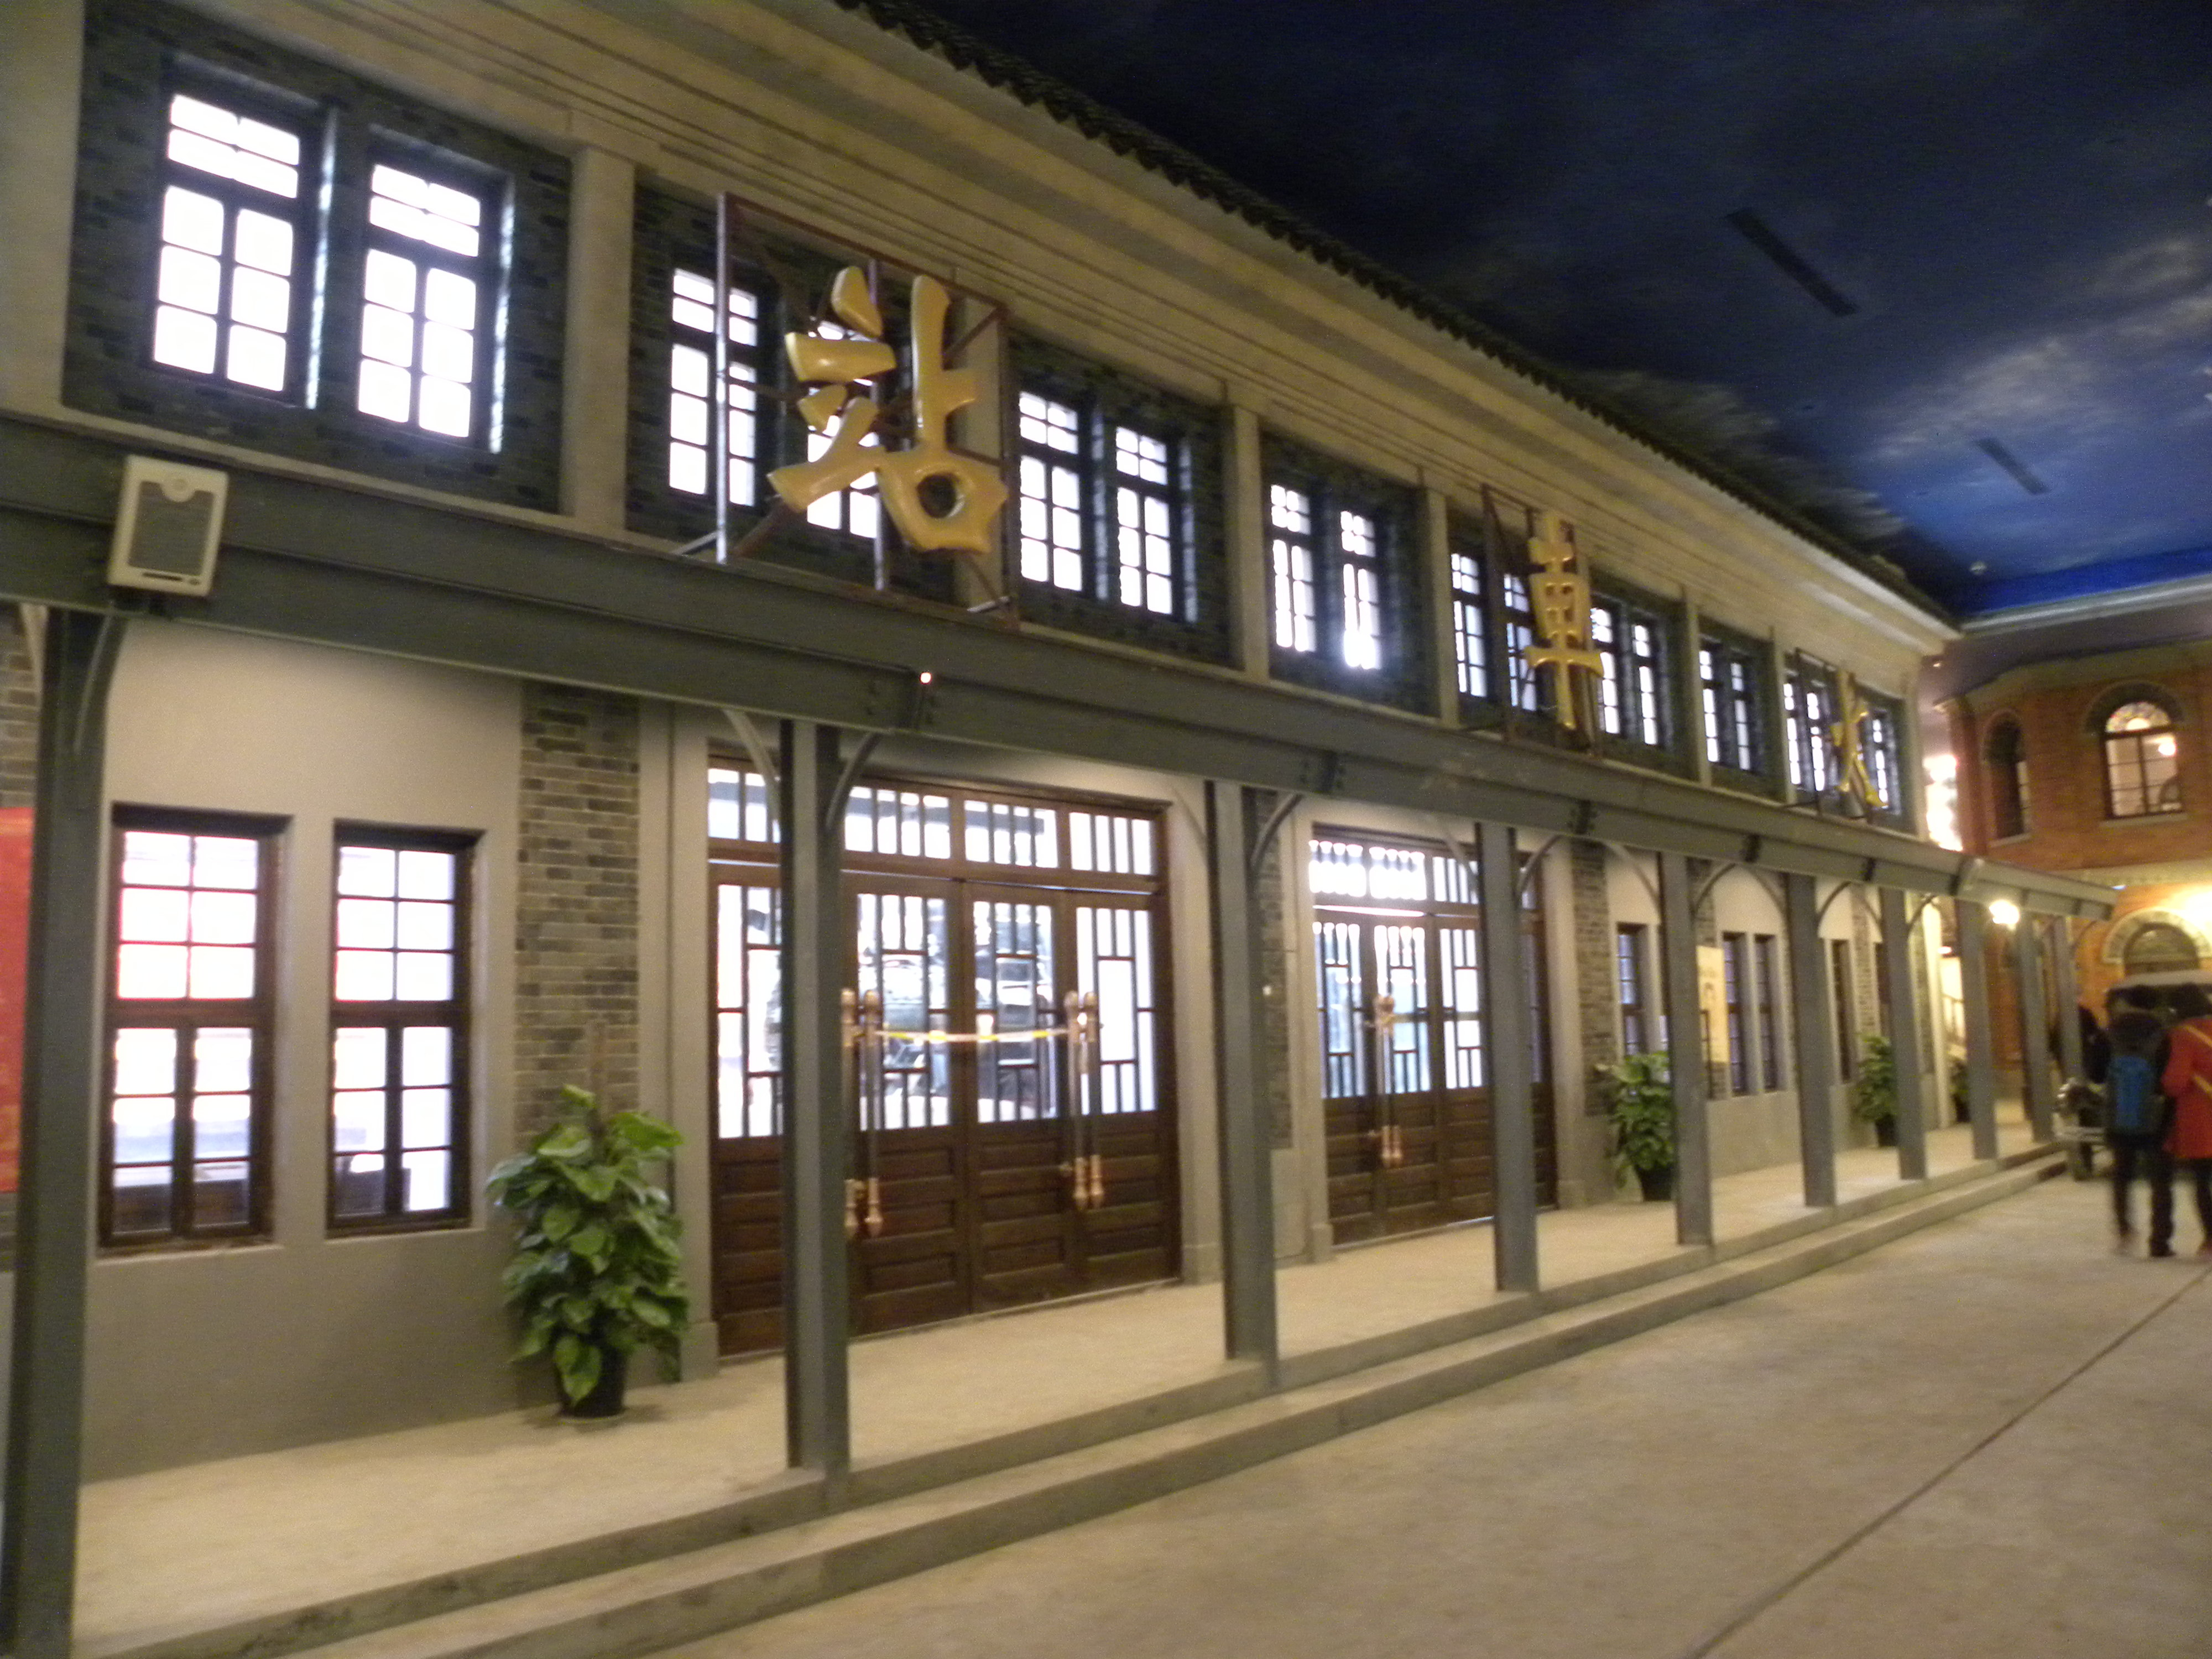 南京博物馆收费吗今年,你被邀请参加世界级比赛。_酒剑仙lod